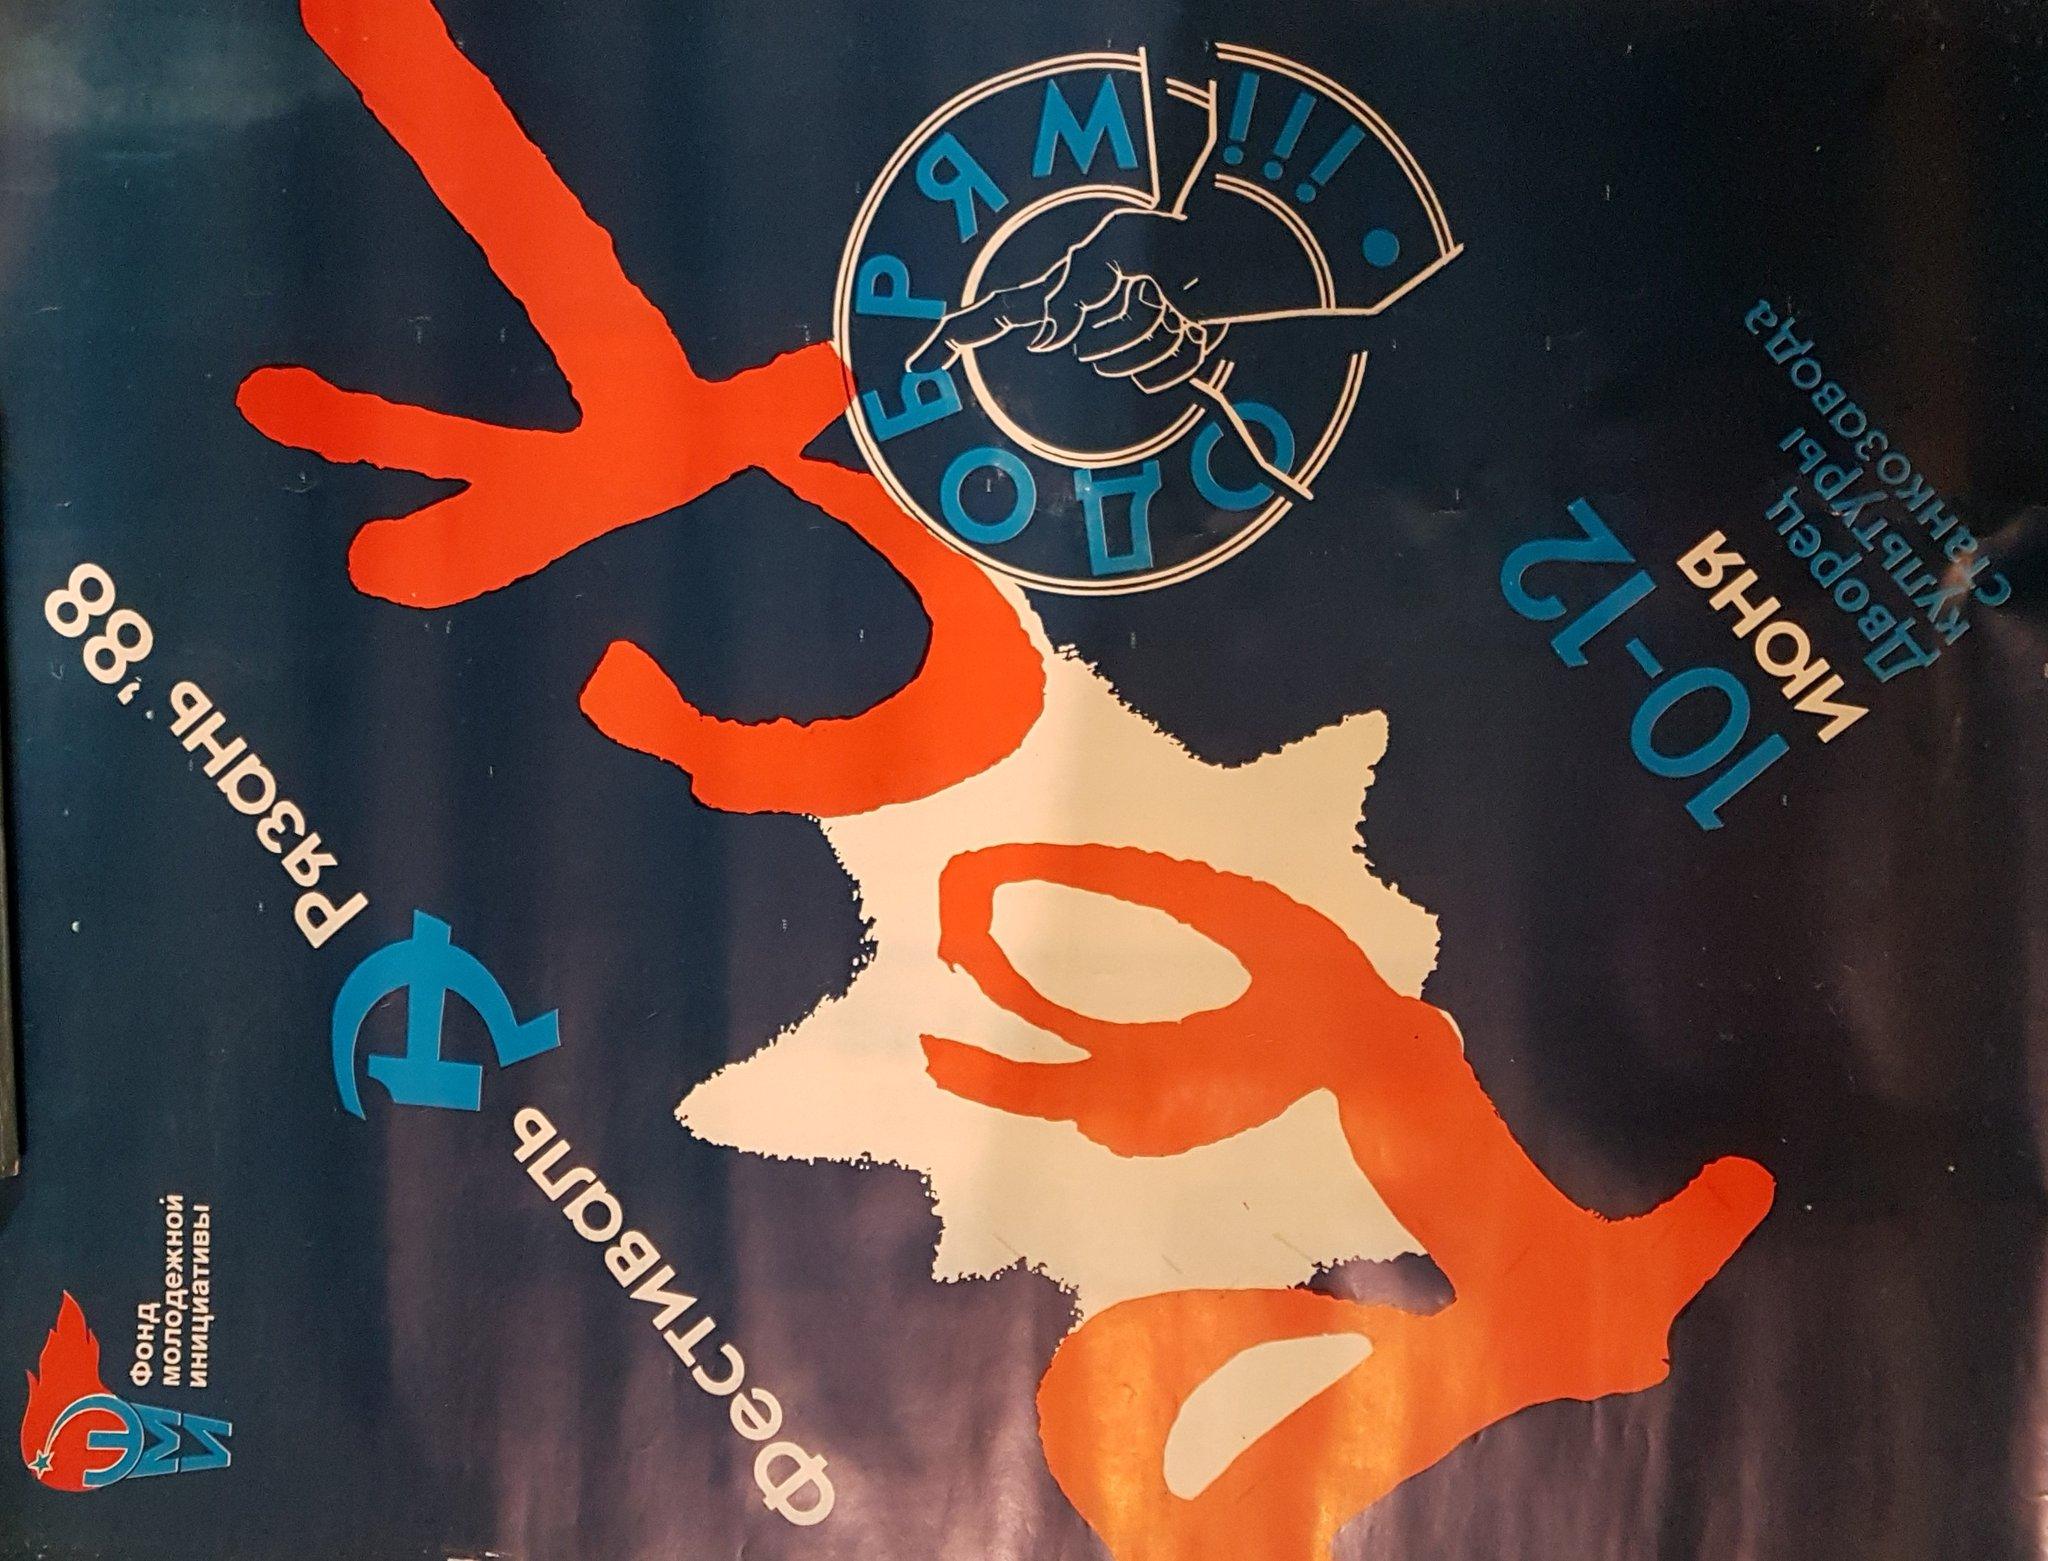 Плакат с первого рок-фестиваля в Рязани, который открыл 10 июня 1988 года Сергей Дулькевич, исполнив со сцены Дворца культуры станкозавода, популярную зарубежную песню. https://t.co/FsaI8Sc8pS